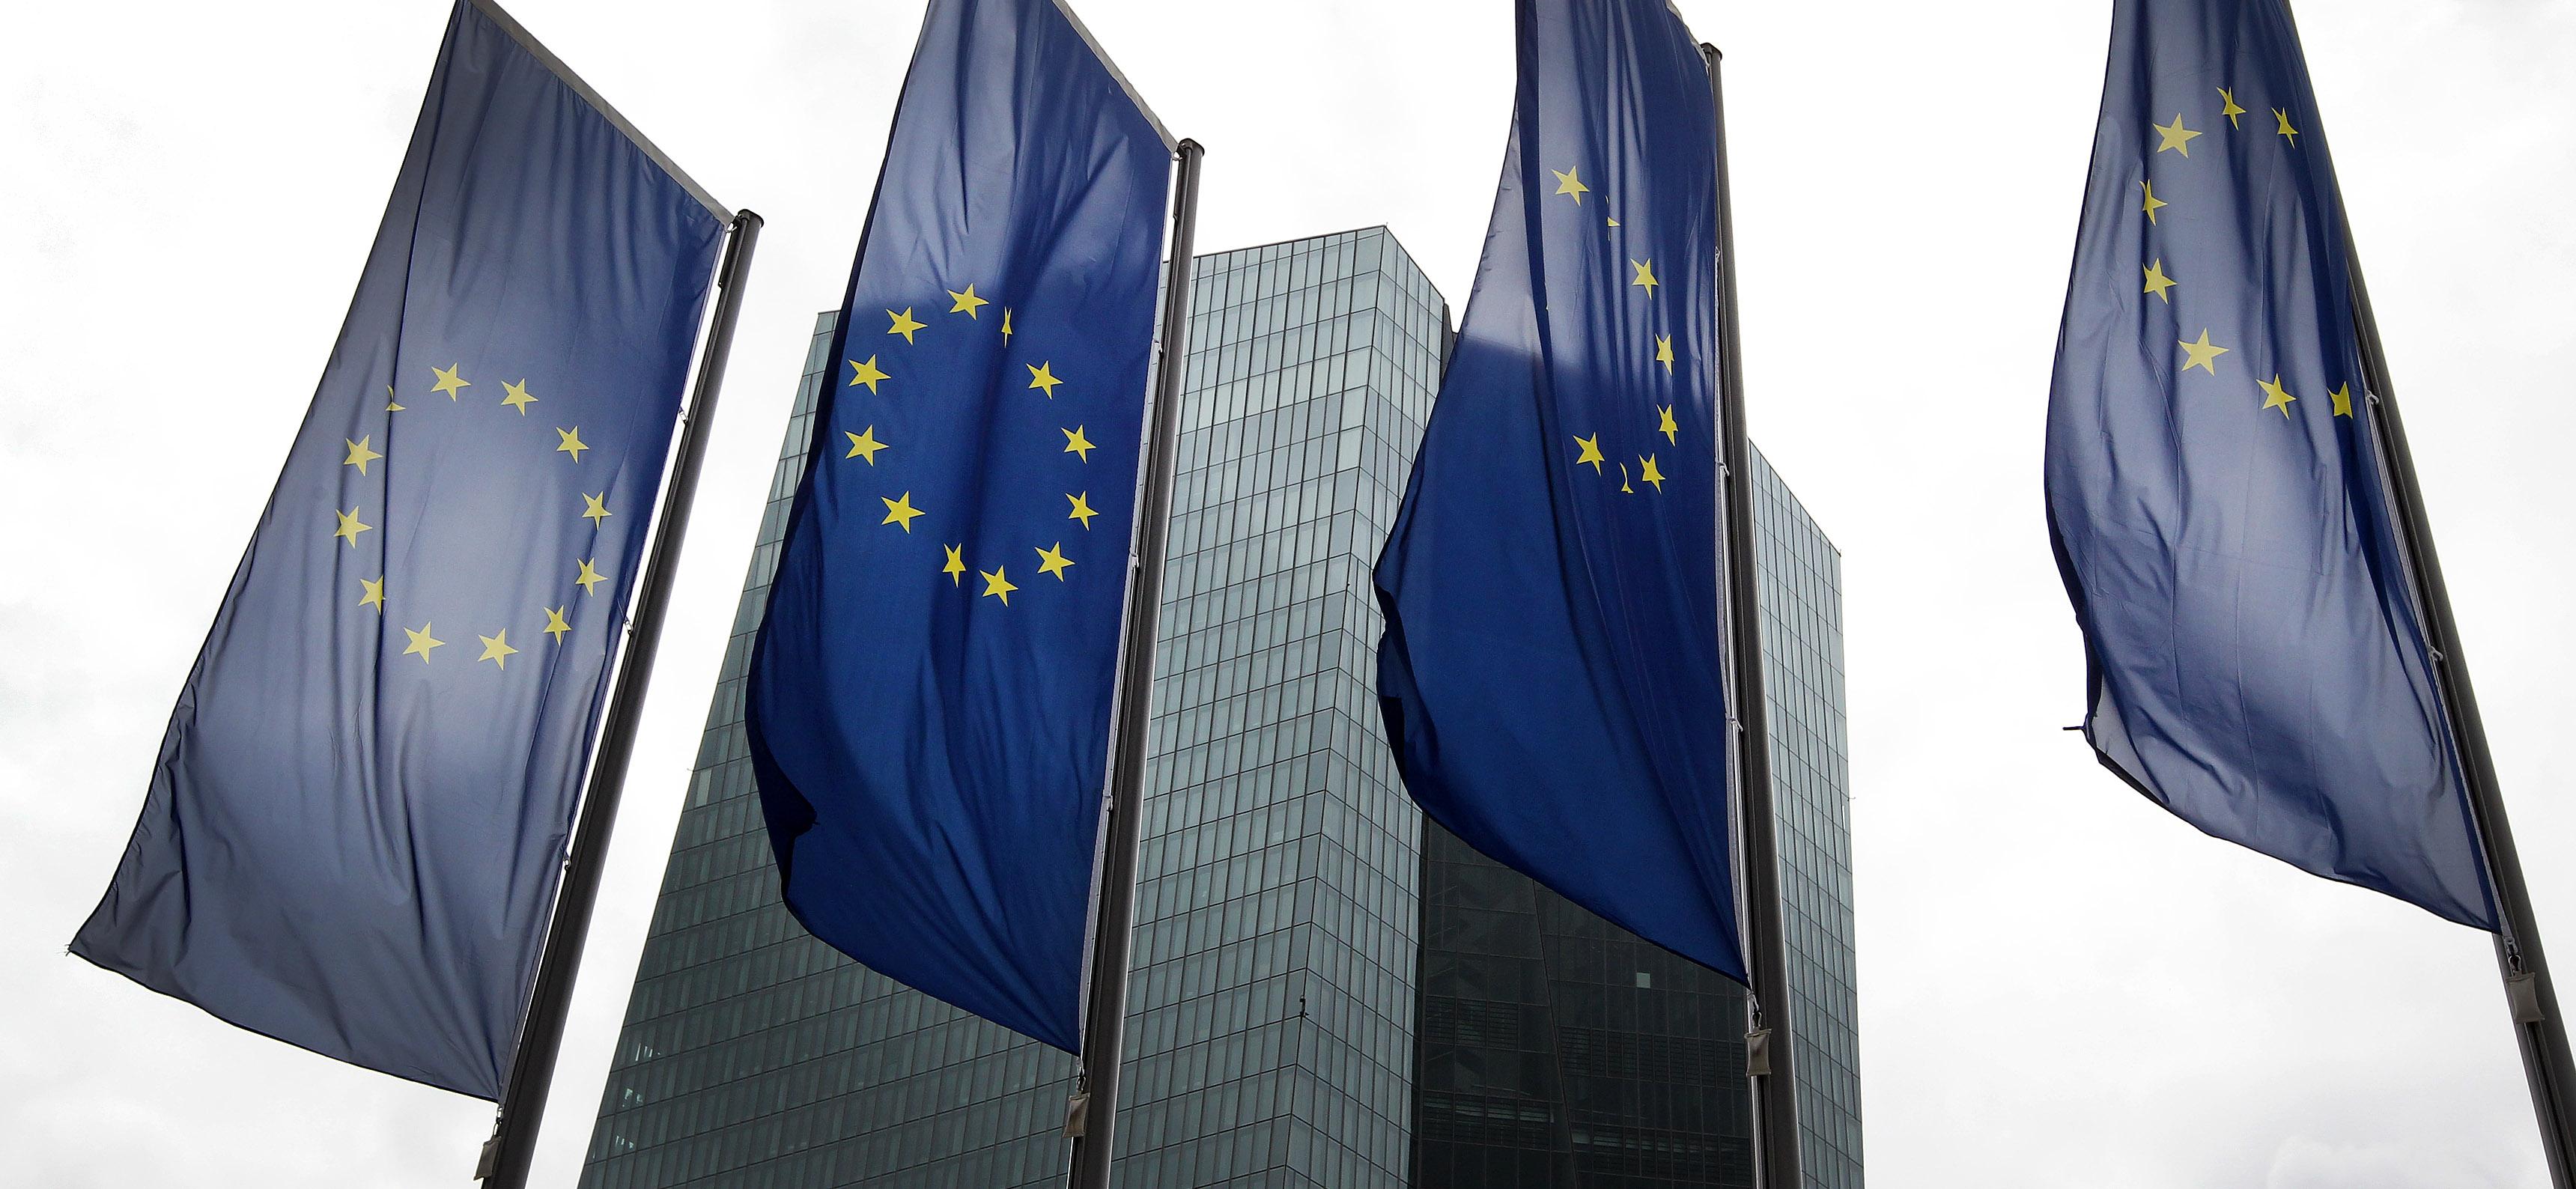 貿易人權分歧大 下周歐中峰會或遇尷尬場面